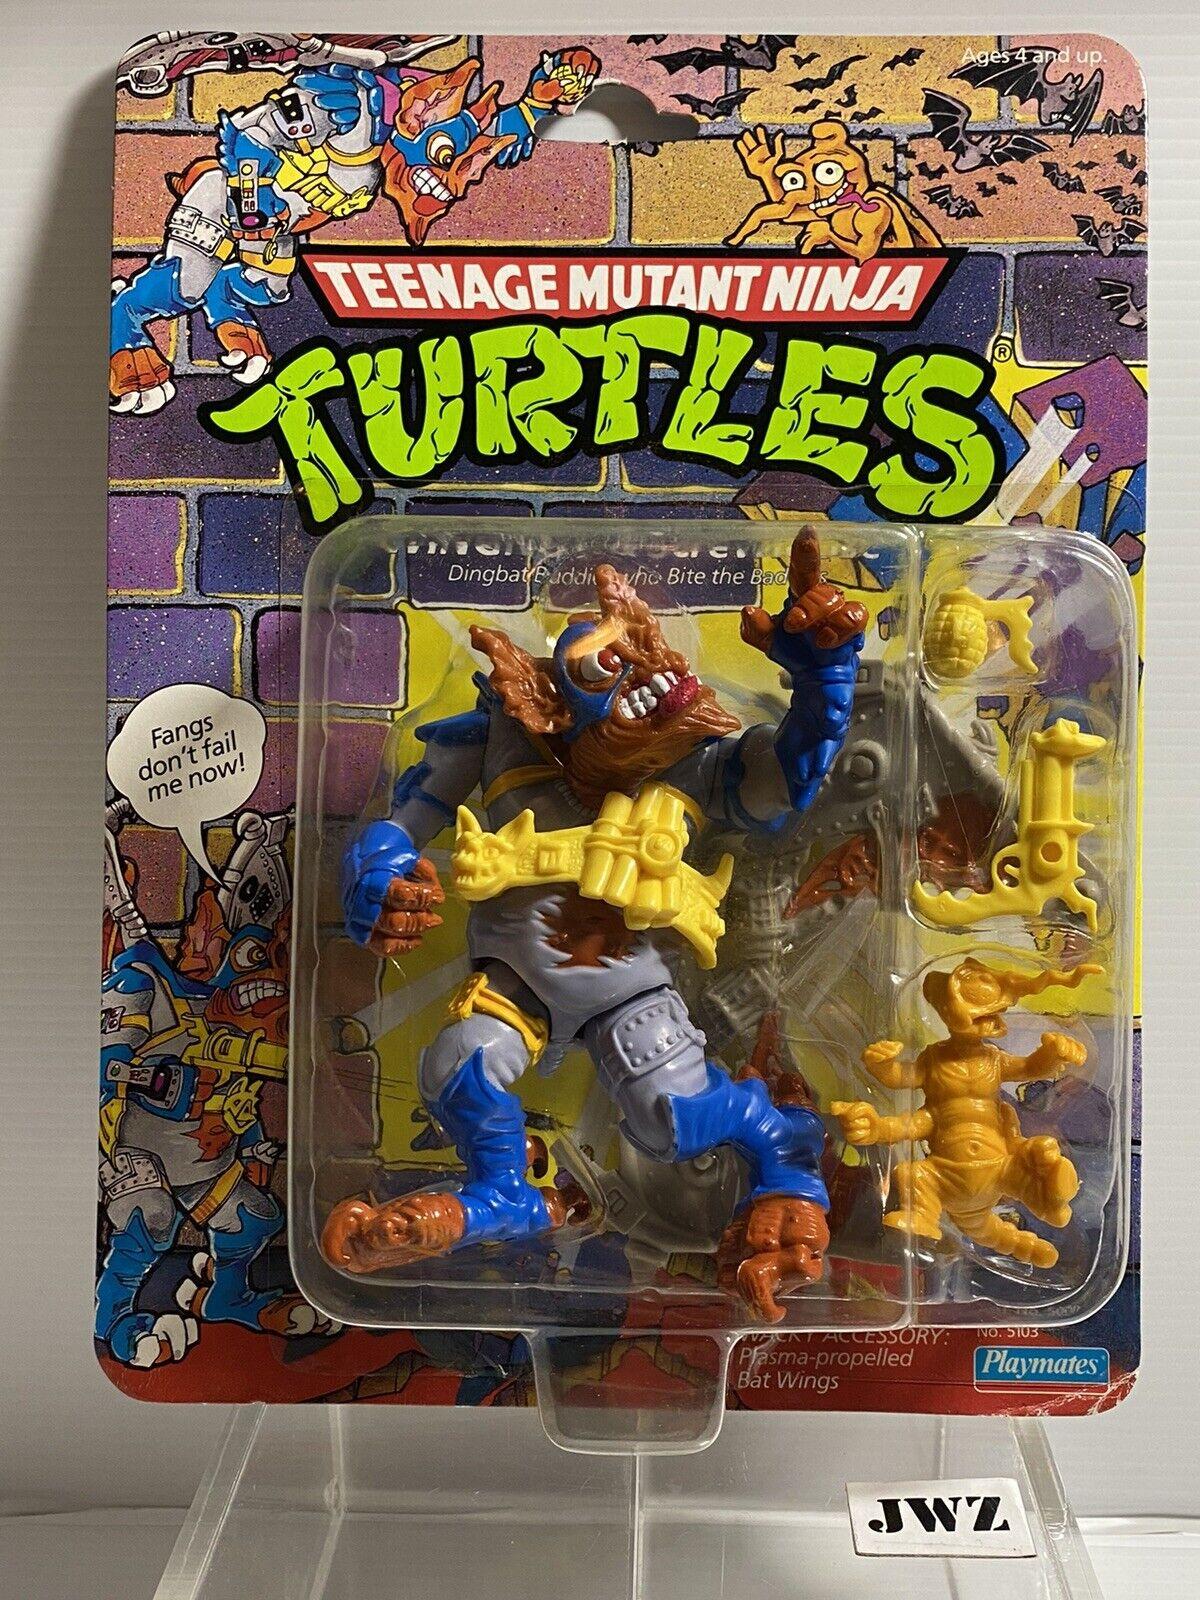 WINGNUT & SCREWLOOSE - Original Teenage Mutant Ninja Turtles - MOC - NEW